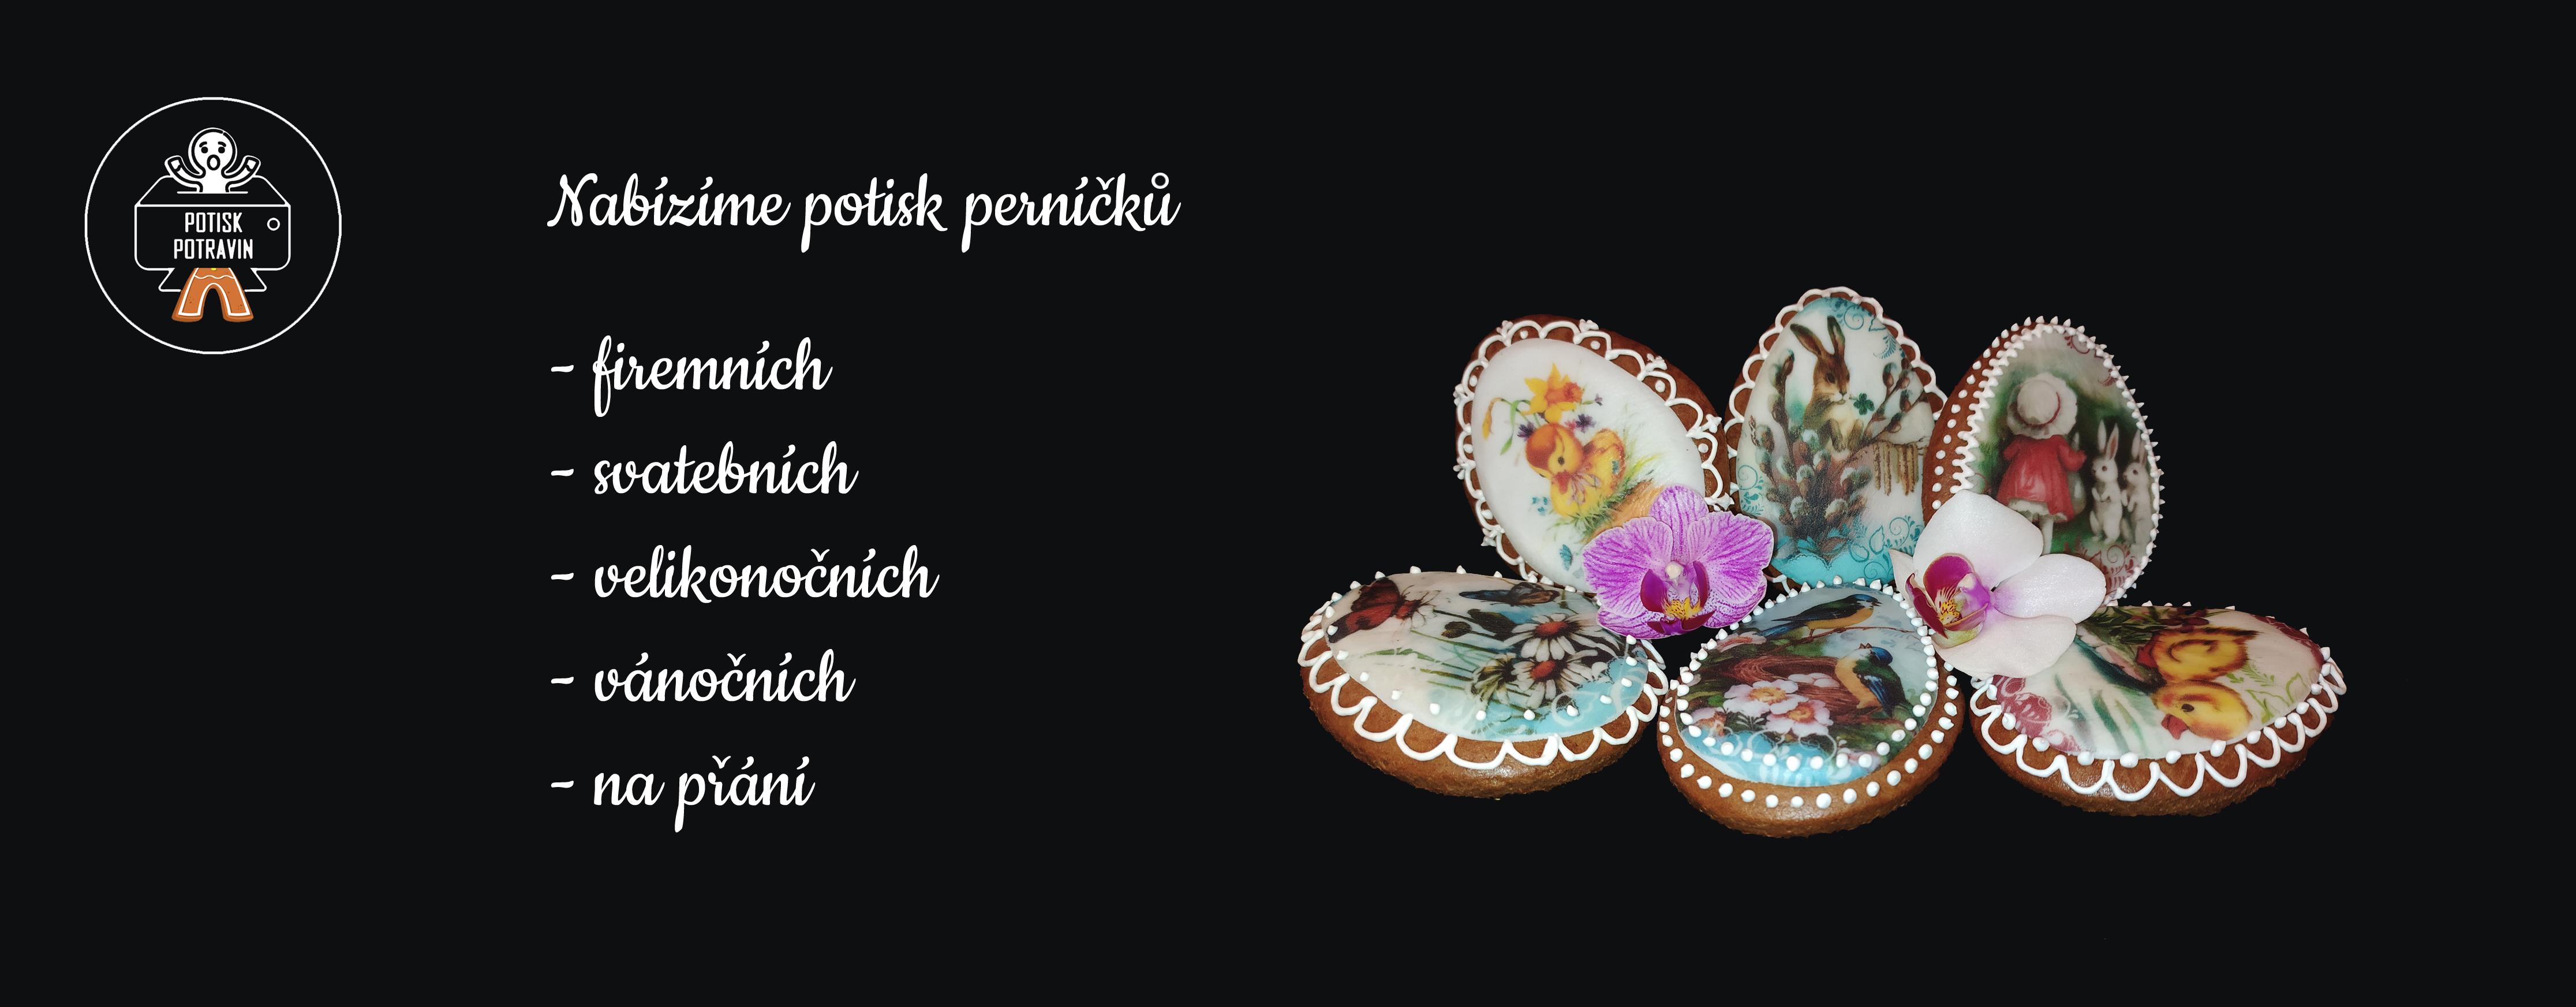 Profi Potisk Potravin